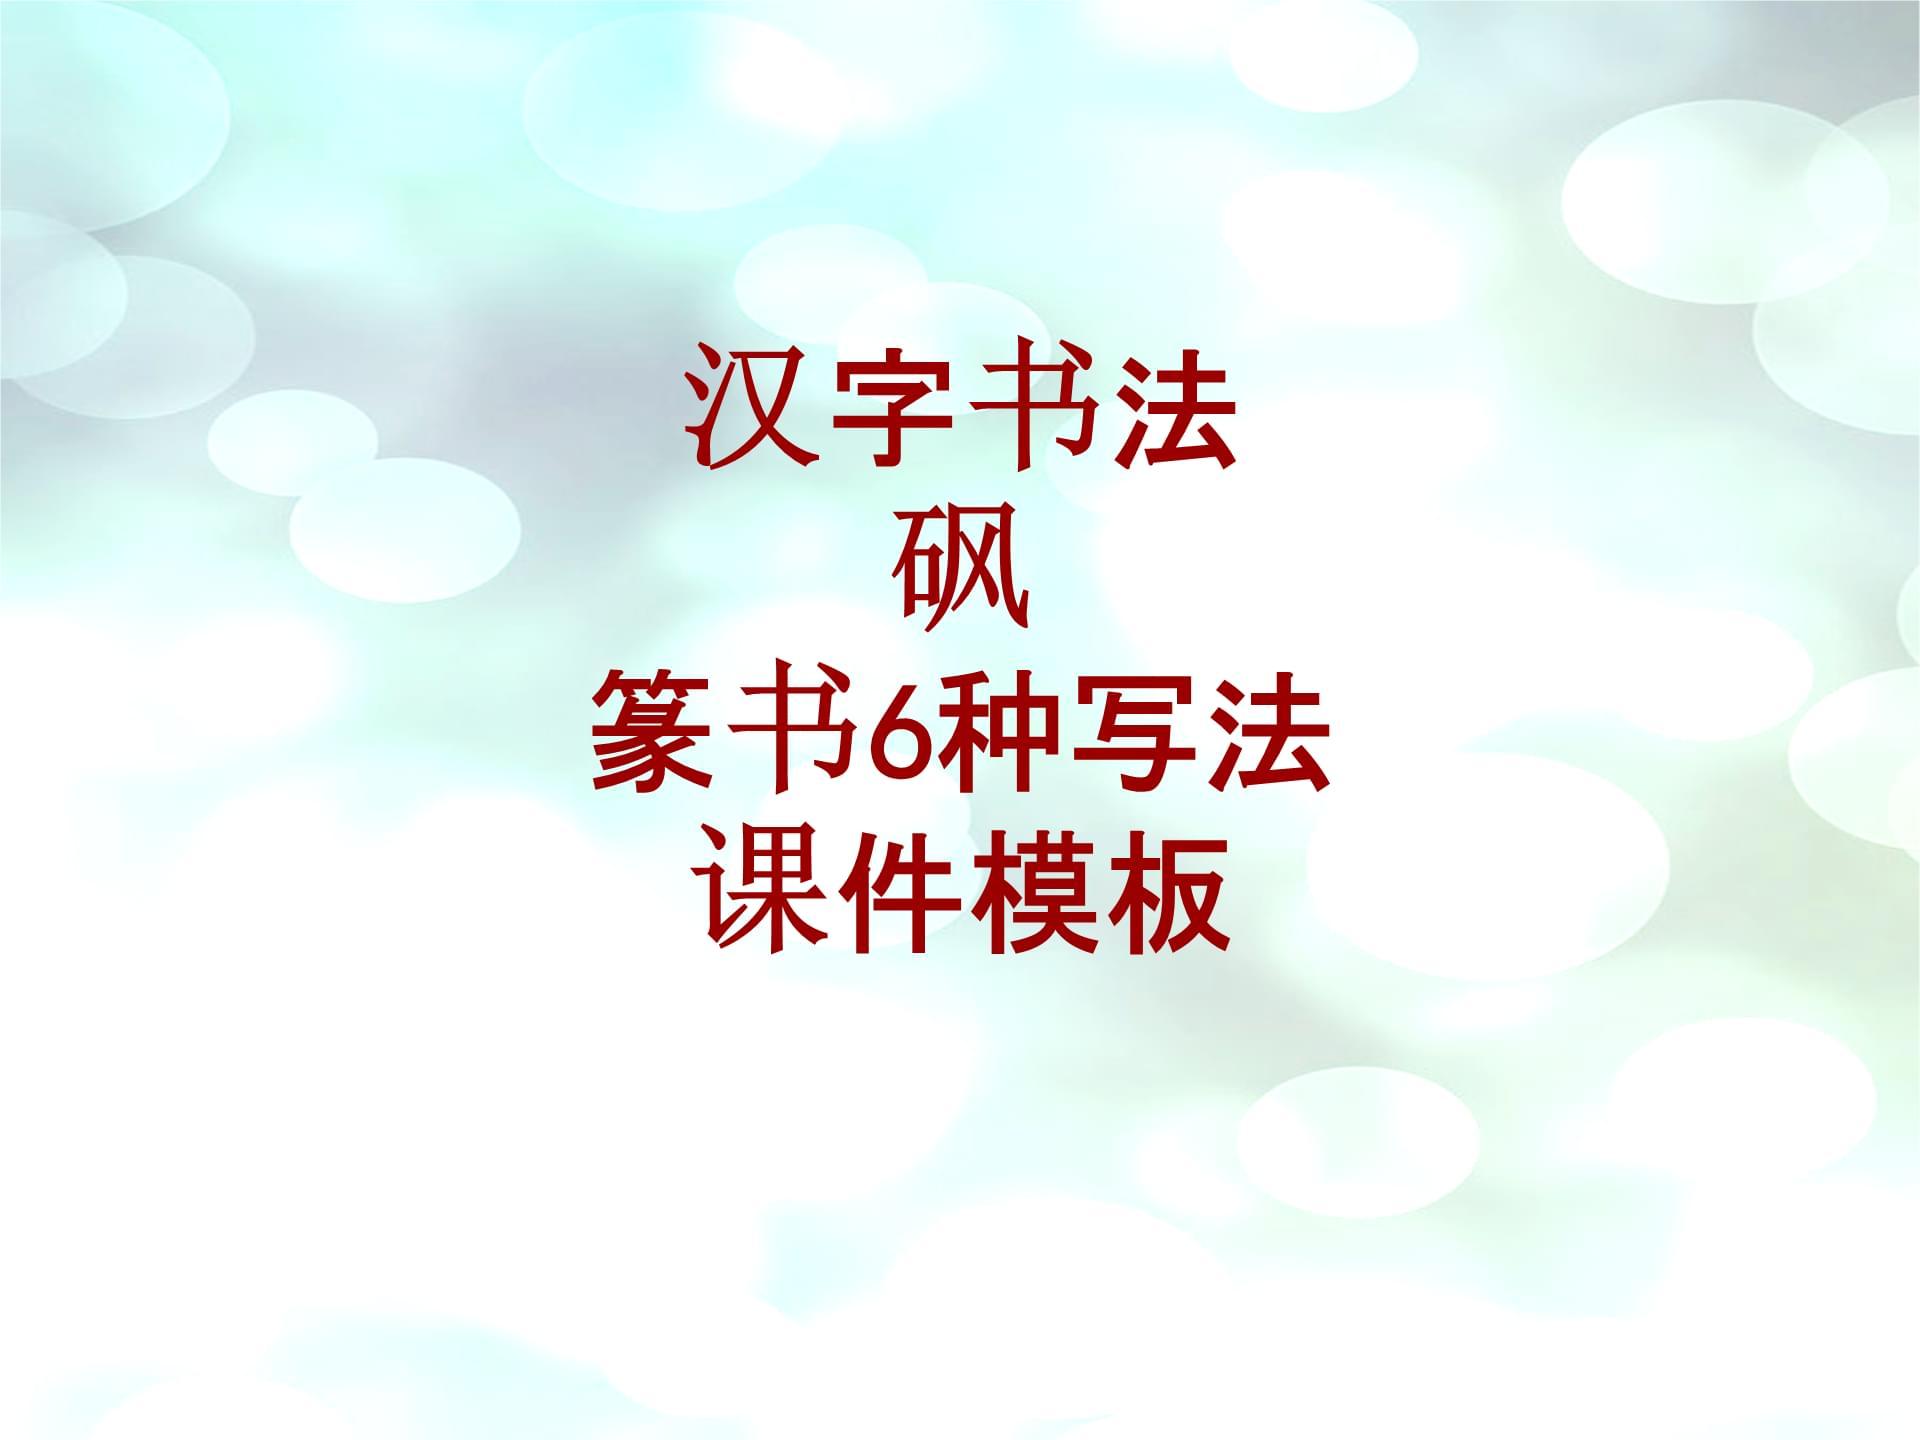 汉字书法课件模板:砜_篆书6种写法.ppt